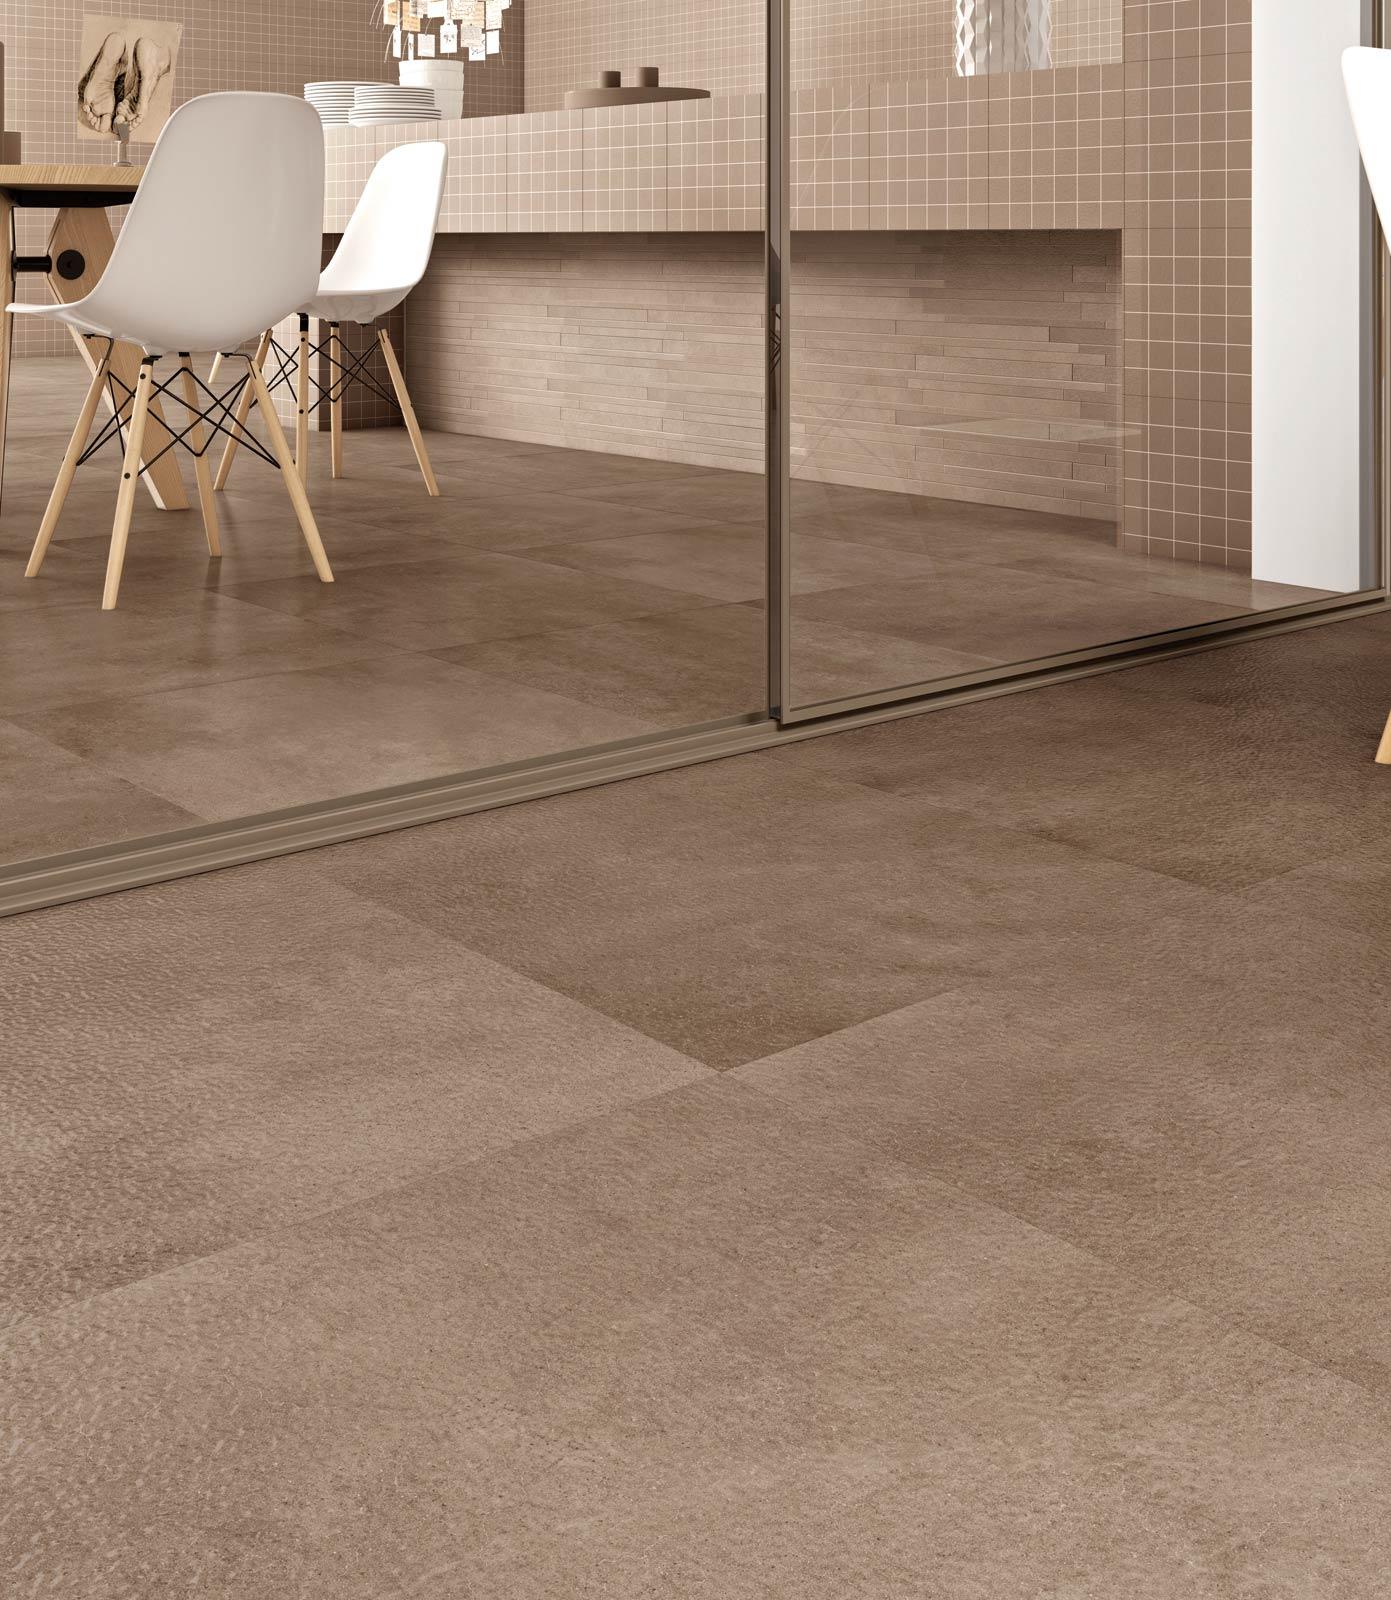 costi pavimenti in cemento